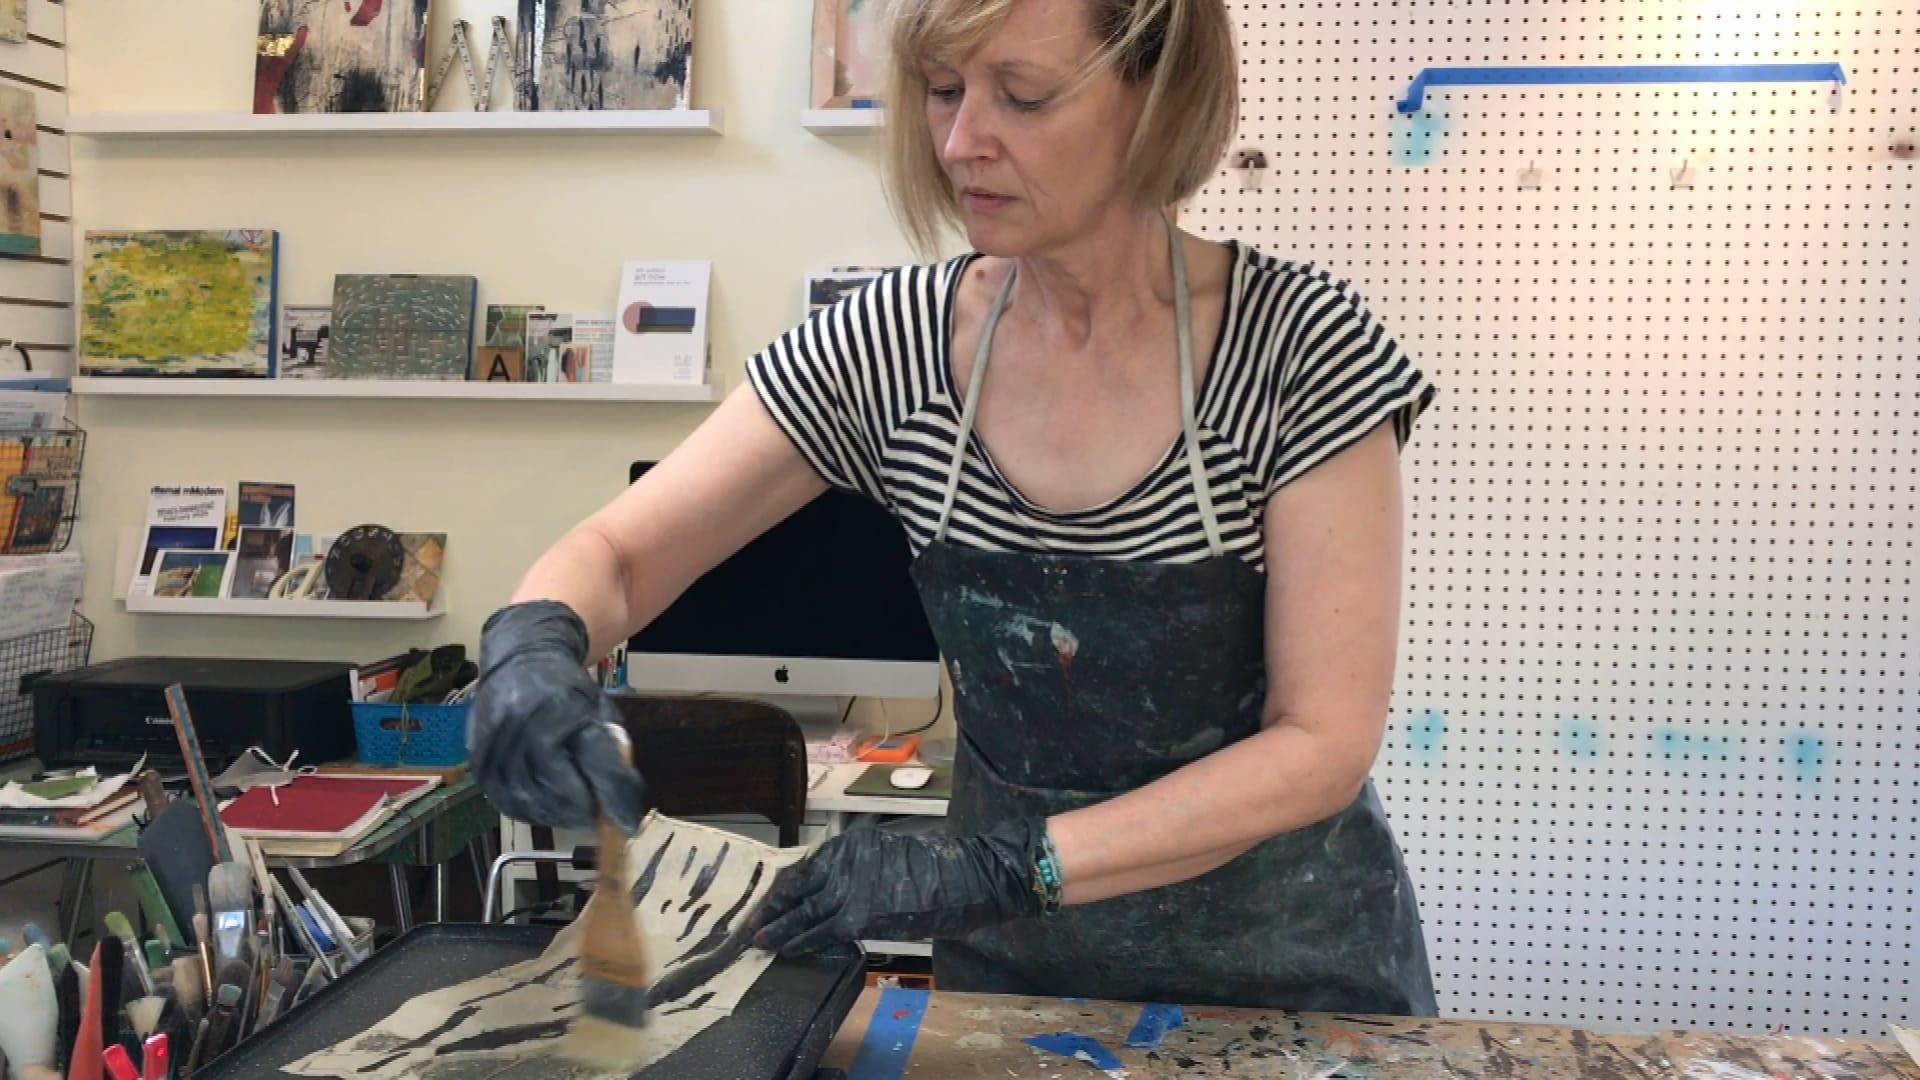 L'artiste visuelle fransaskoise Anne Brochu Lambert brosse de la peinture à cire sur du papier. Le papier est sur une plaque chauffante.